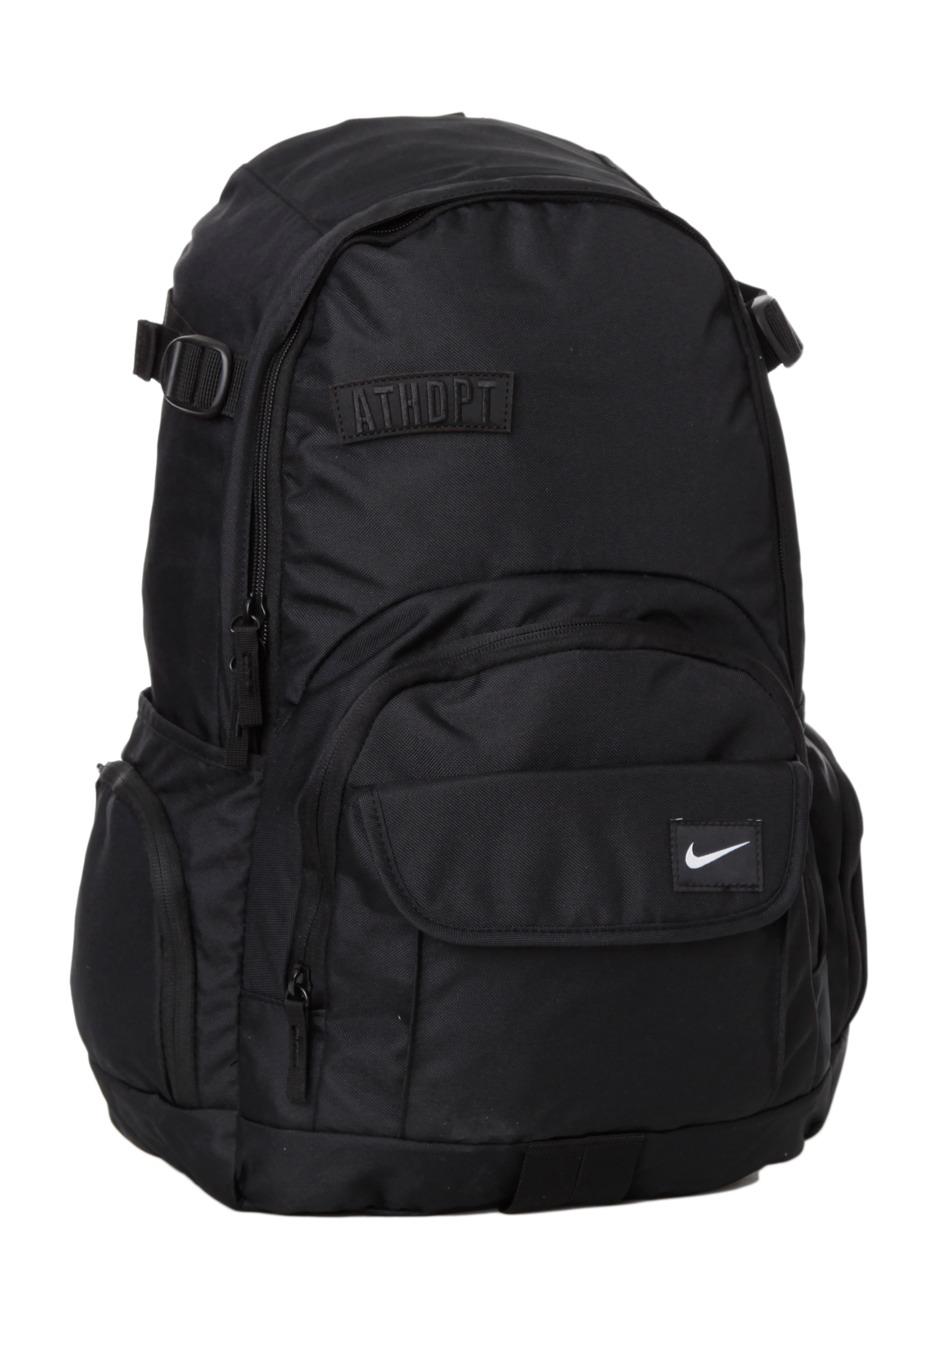 all nike backpacks